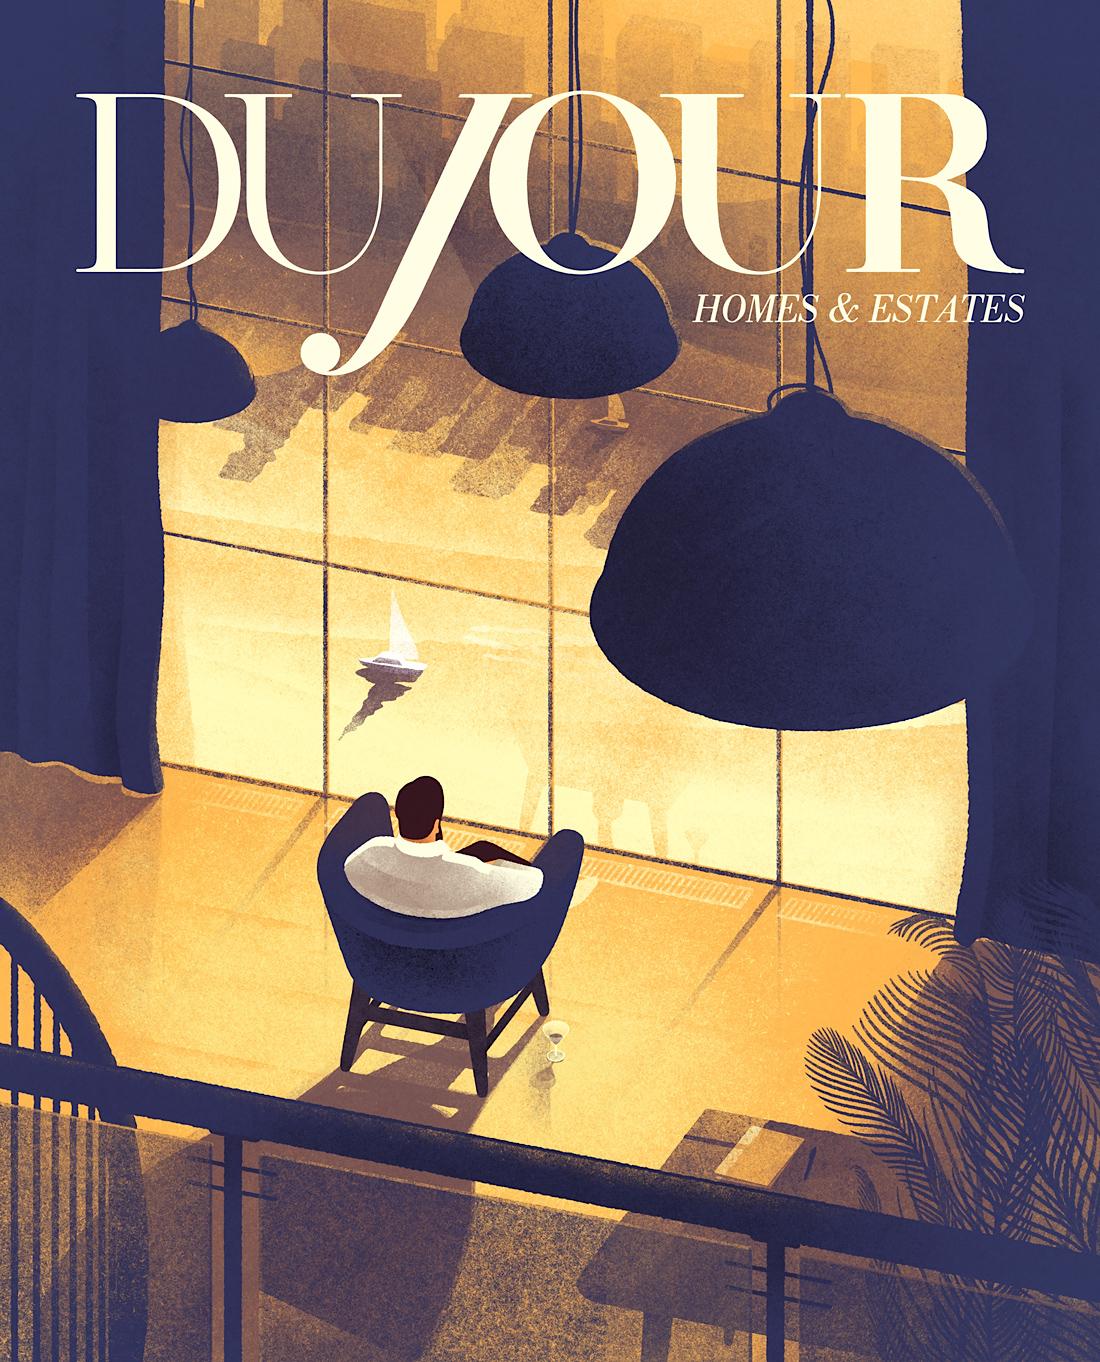 final-dujour-mag-cover-illustration.jpg